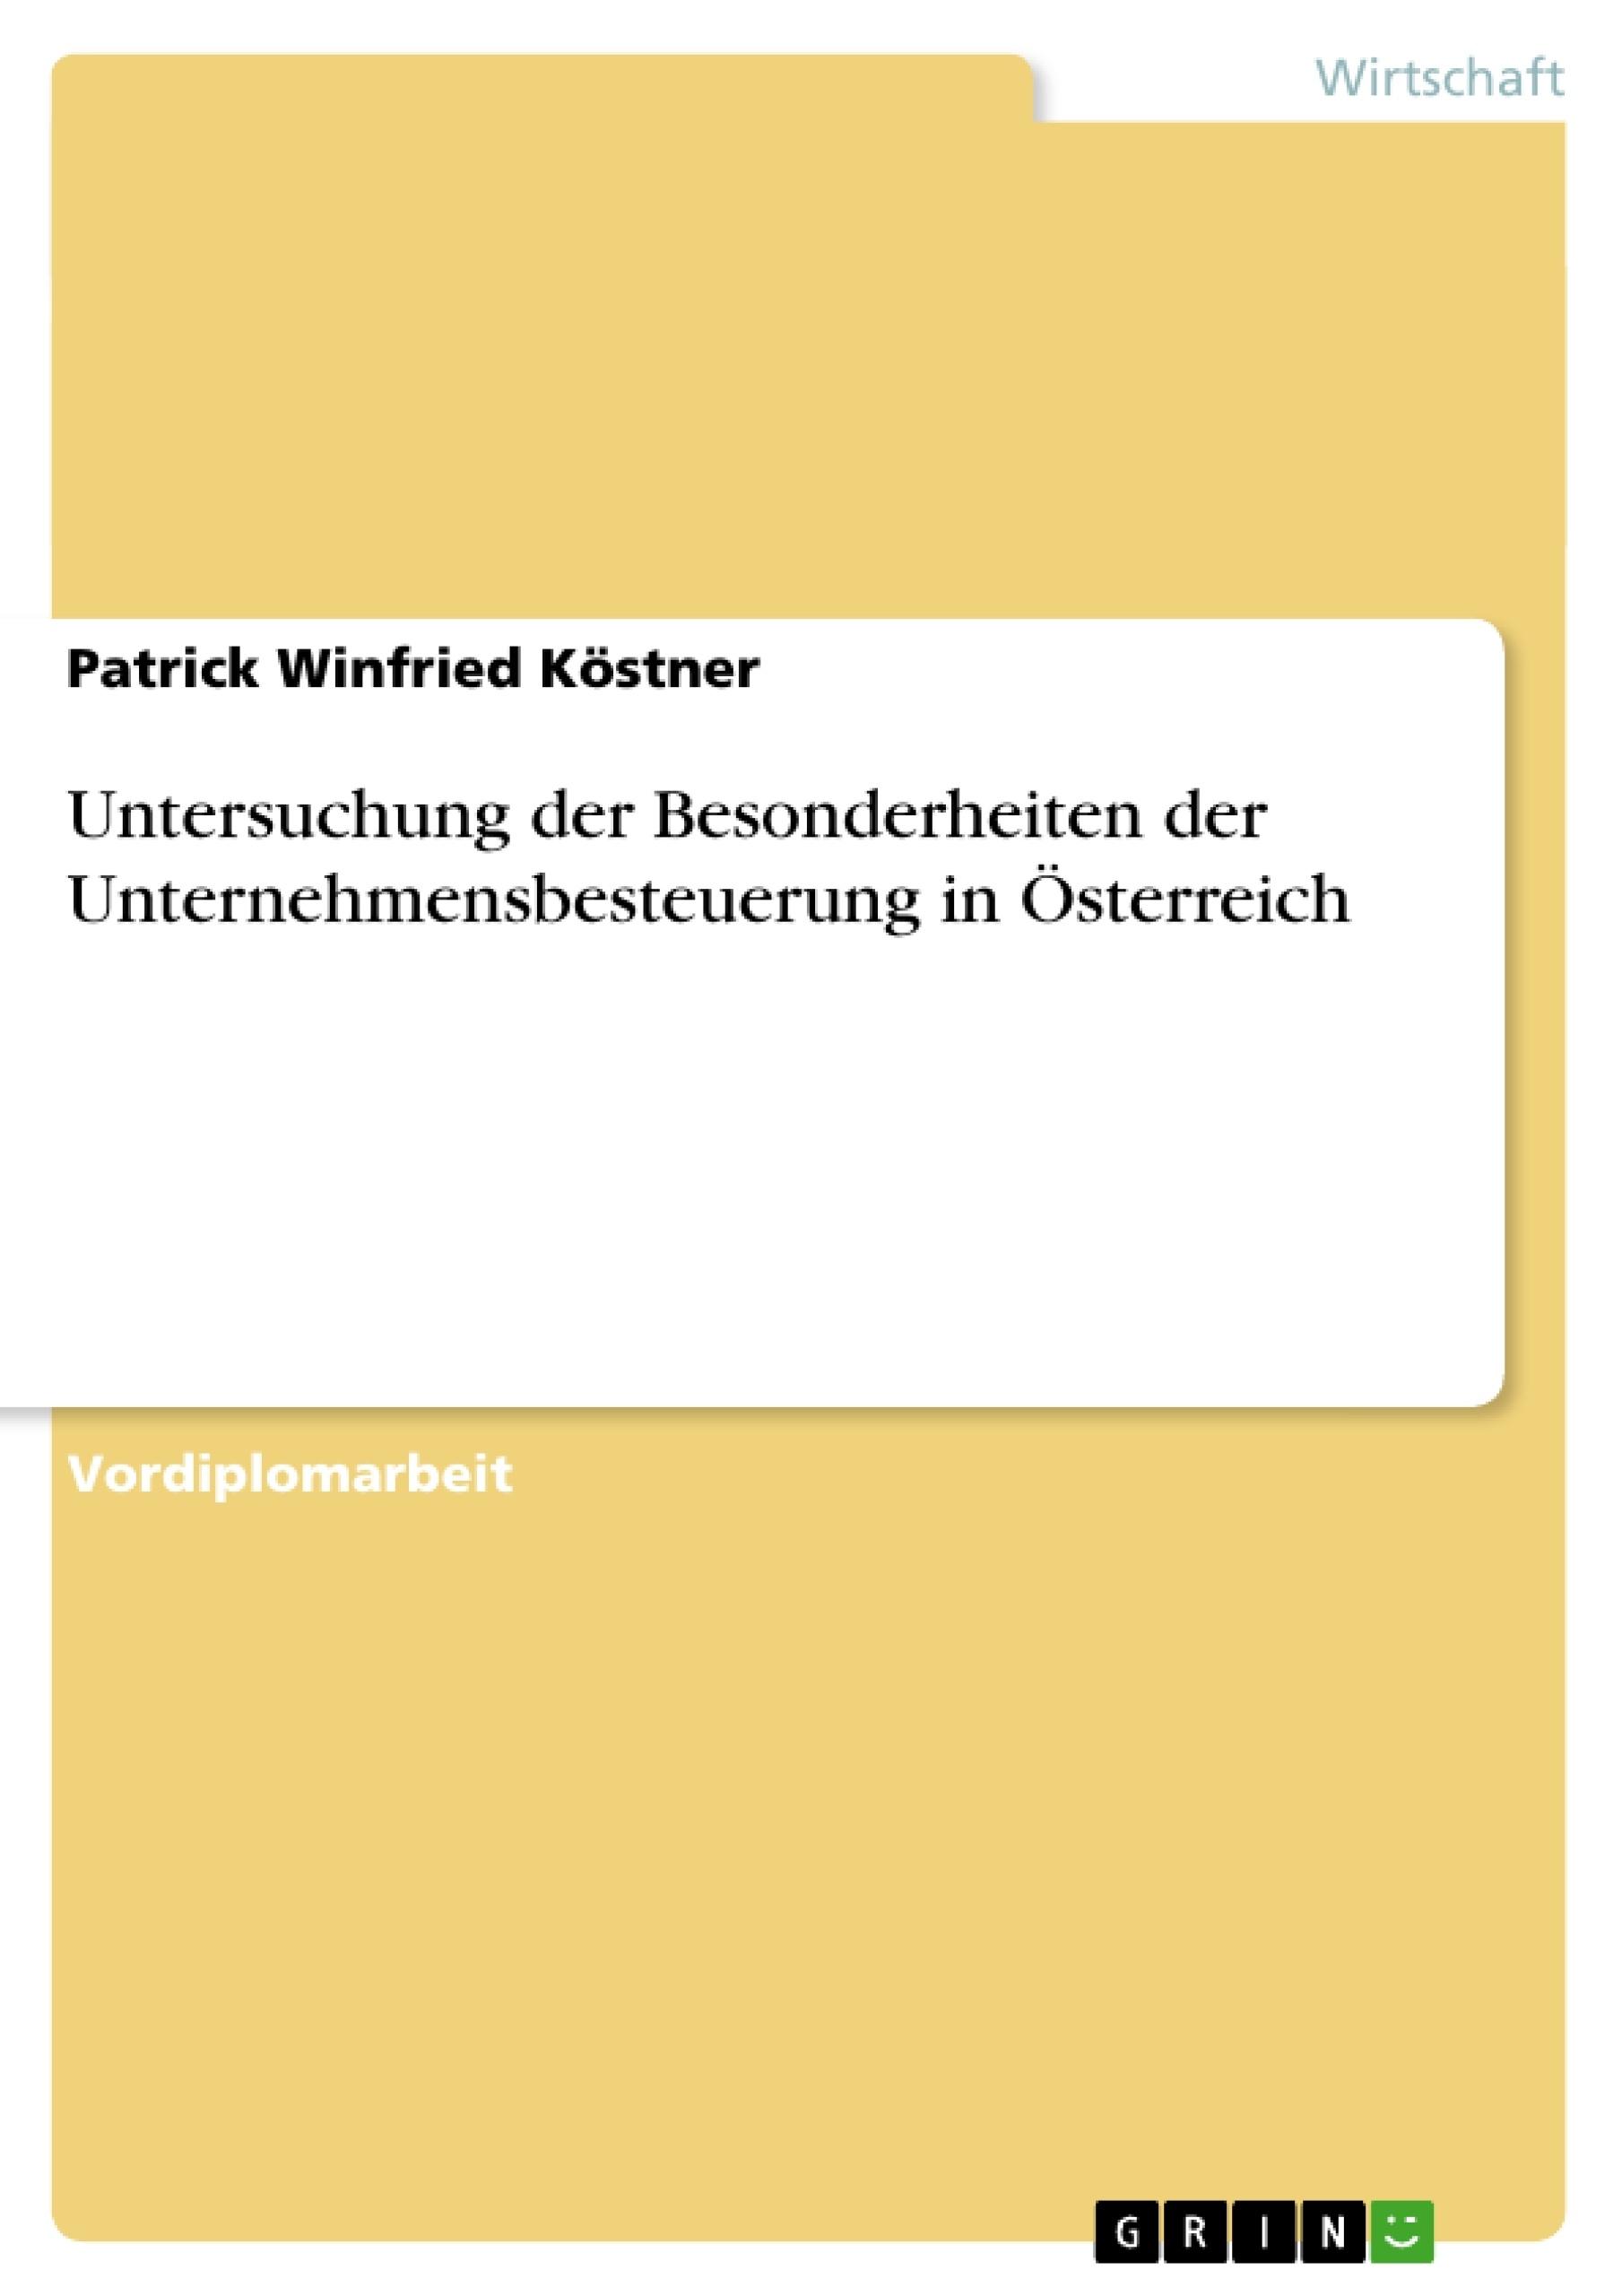 Titel: Untersuchung der Besonderheiten der Unternehmensbesteuerung in Österreich